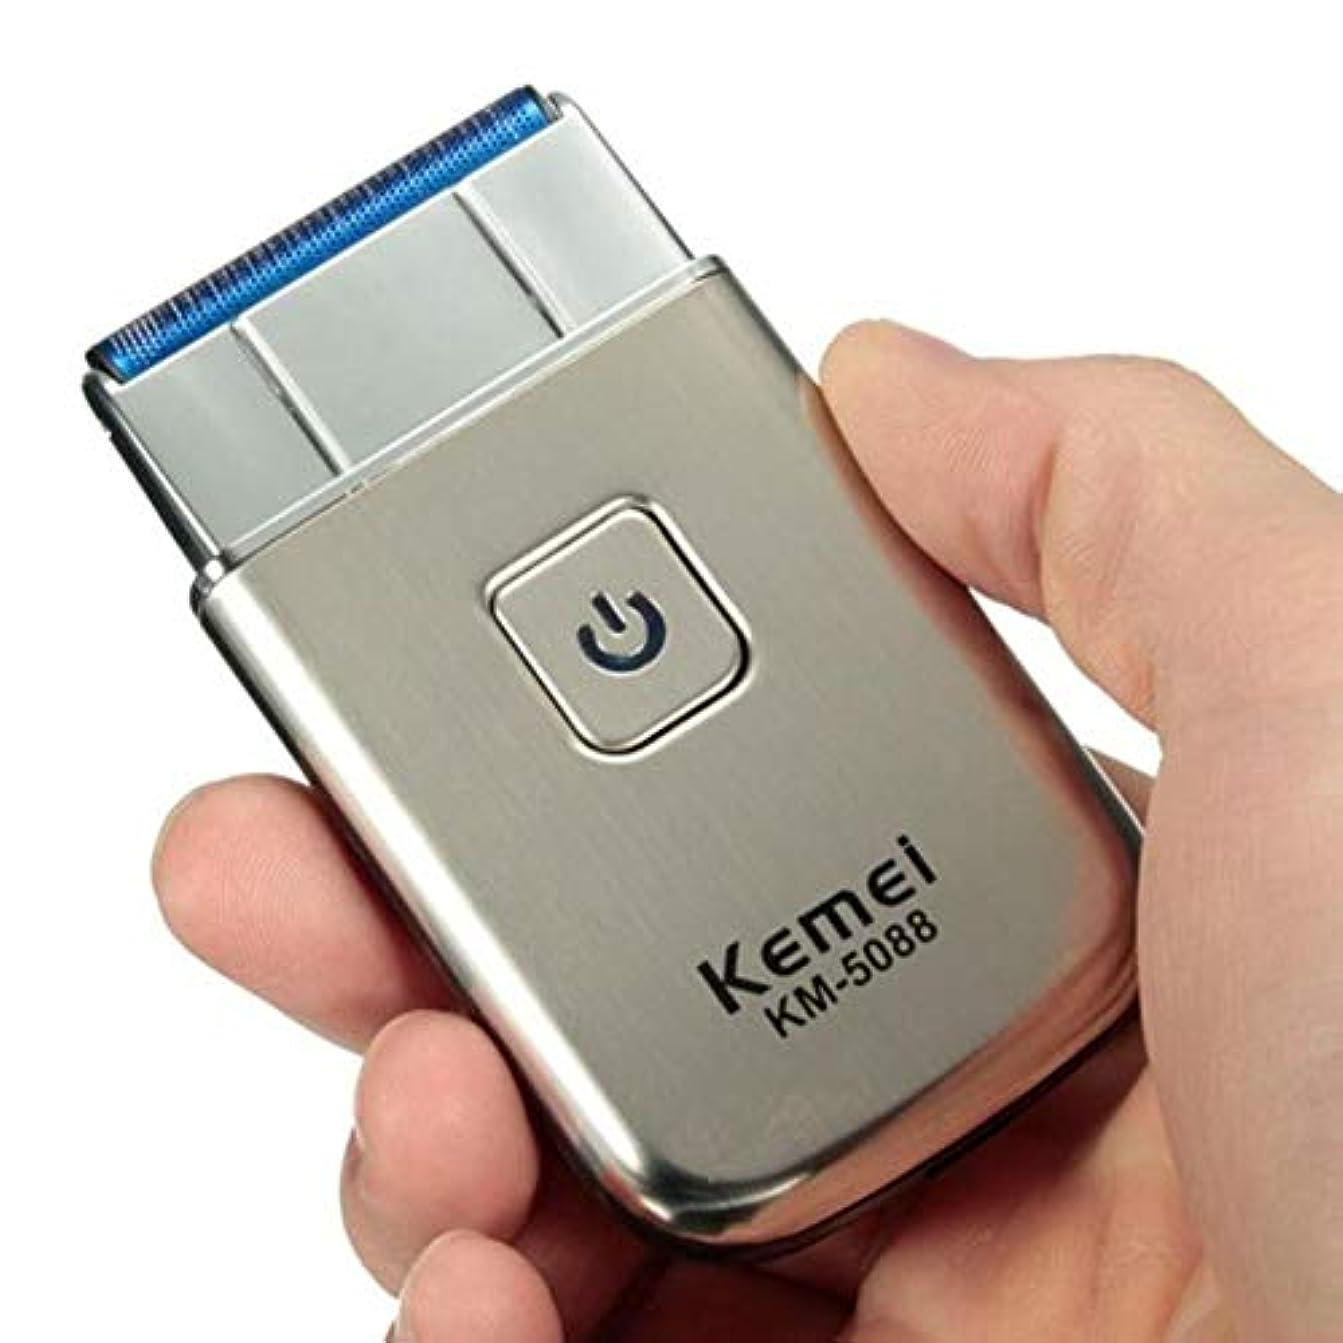 頭蓋骨光沢のある開拓者ミニポータブルメンズ電気USB充電式コードレスひげ髭剃り機Kemei KM - 5088